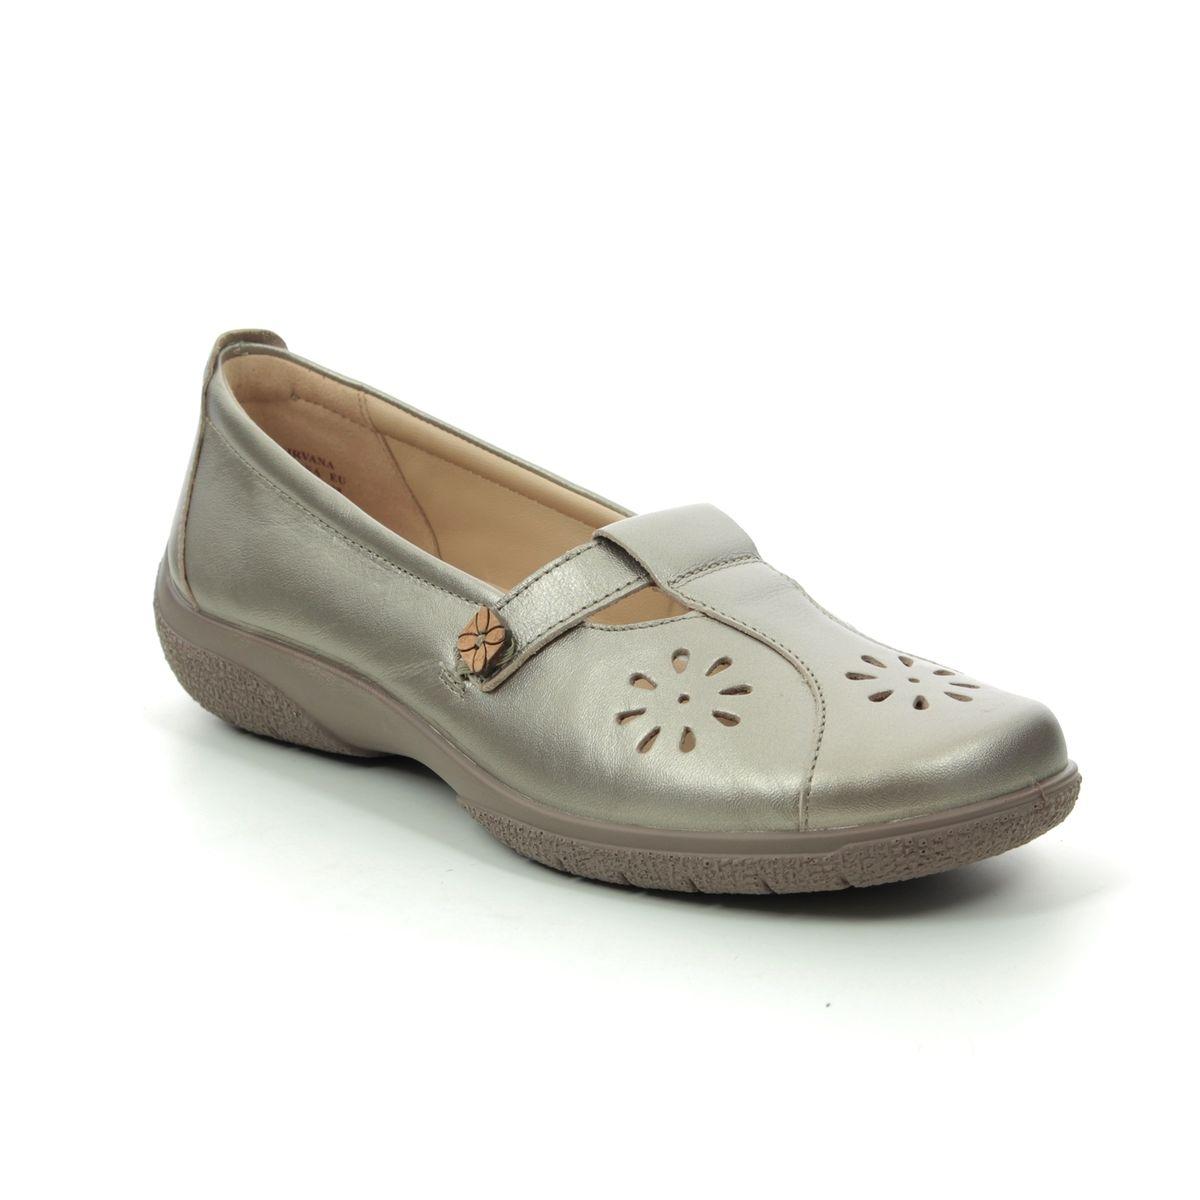 Berwick upon Tweed-Lime Shoe Co-Hotter-Nirvana-Nickel-Metallic-Sandals-summer-comfort-velcro